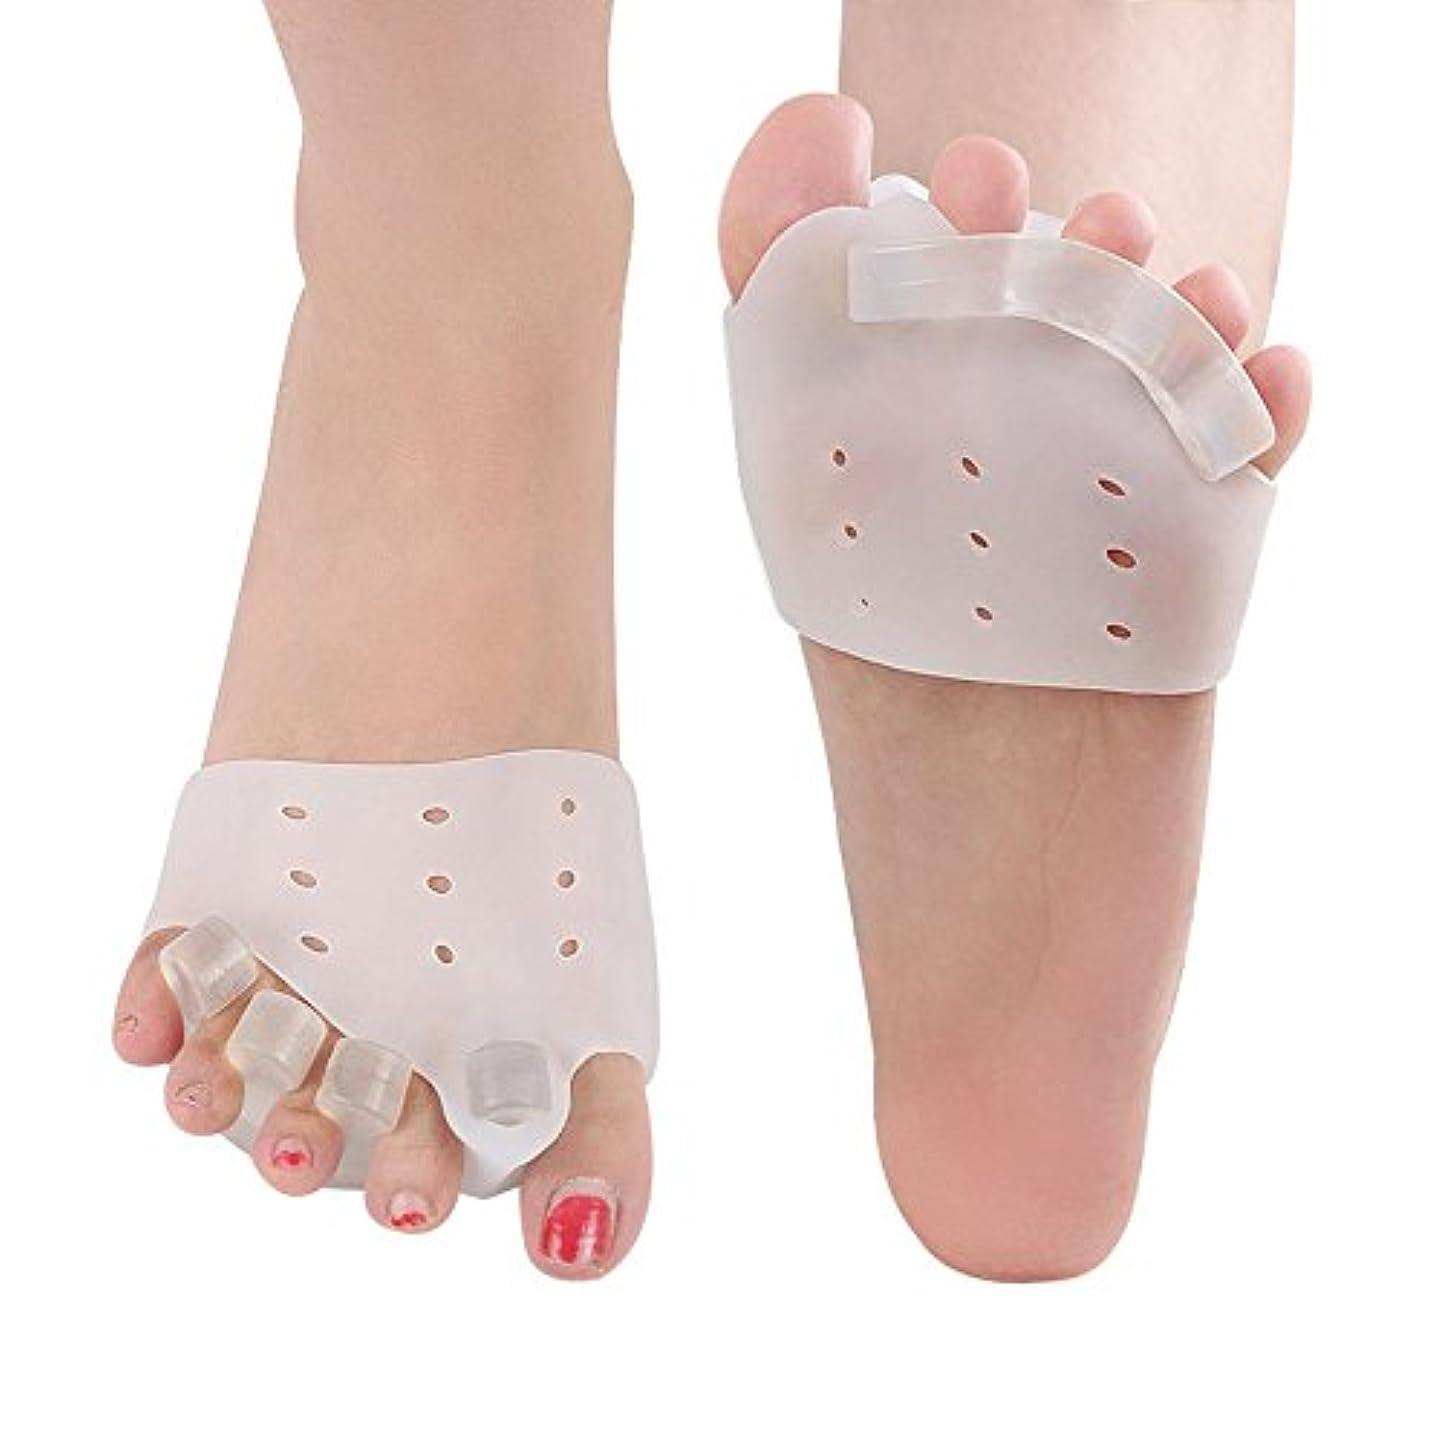 食器棚厳しい粘性の5ペア/セットバニオンプロテクターつま先矯正シリコーンつま先セパレータ親指足ケア足の痛み外反母趾ツール